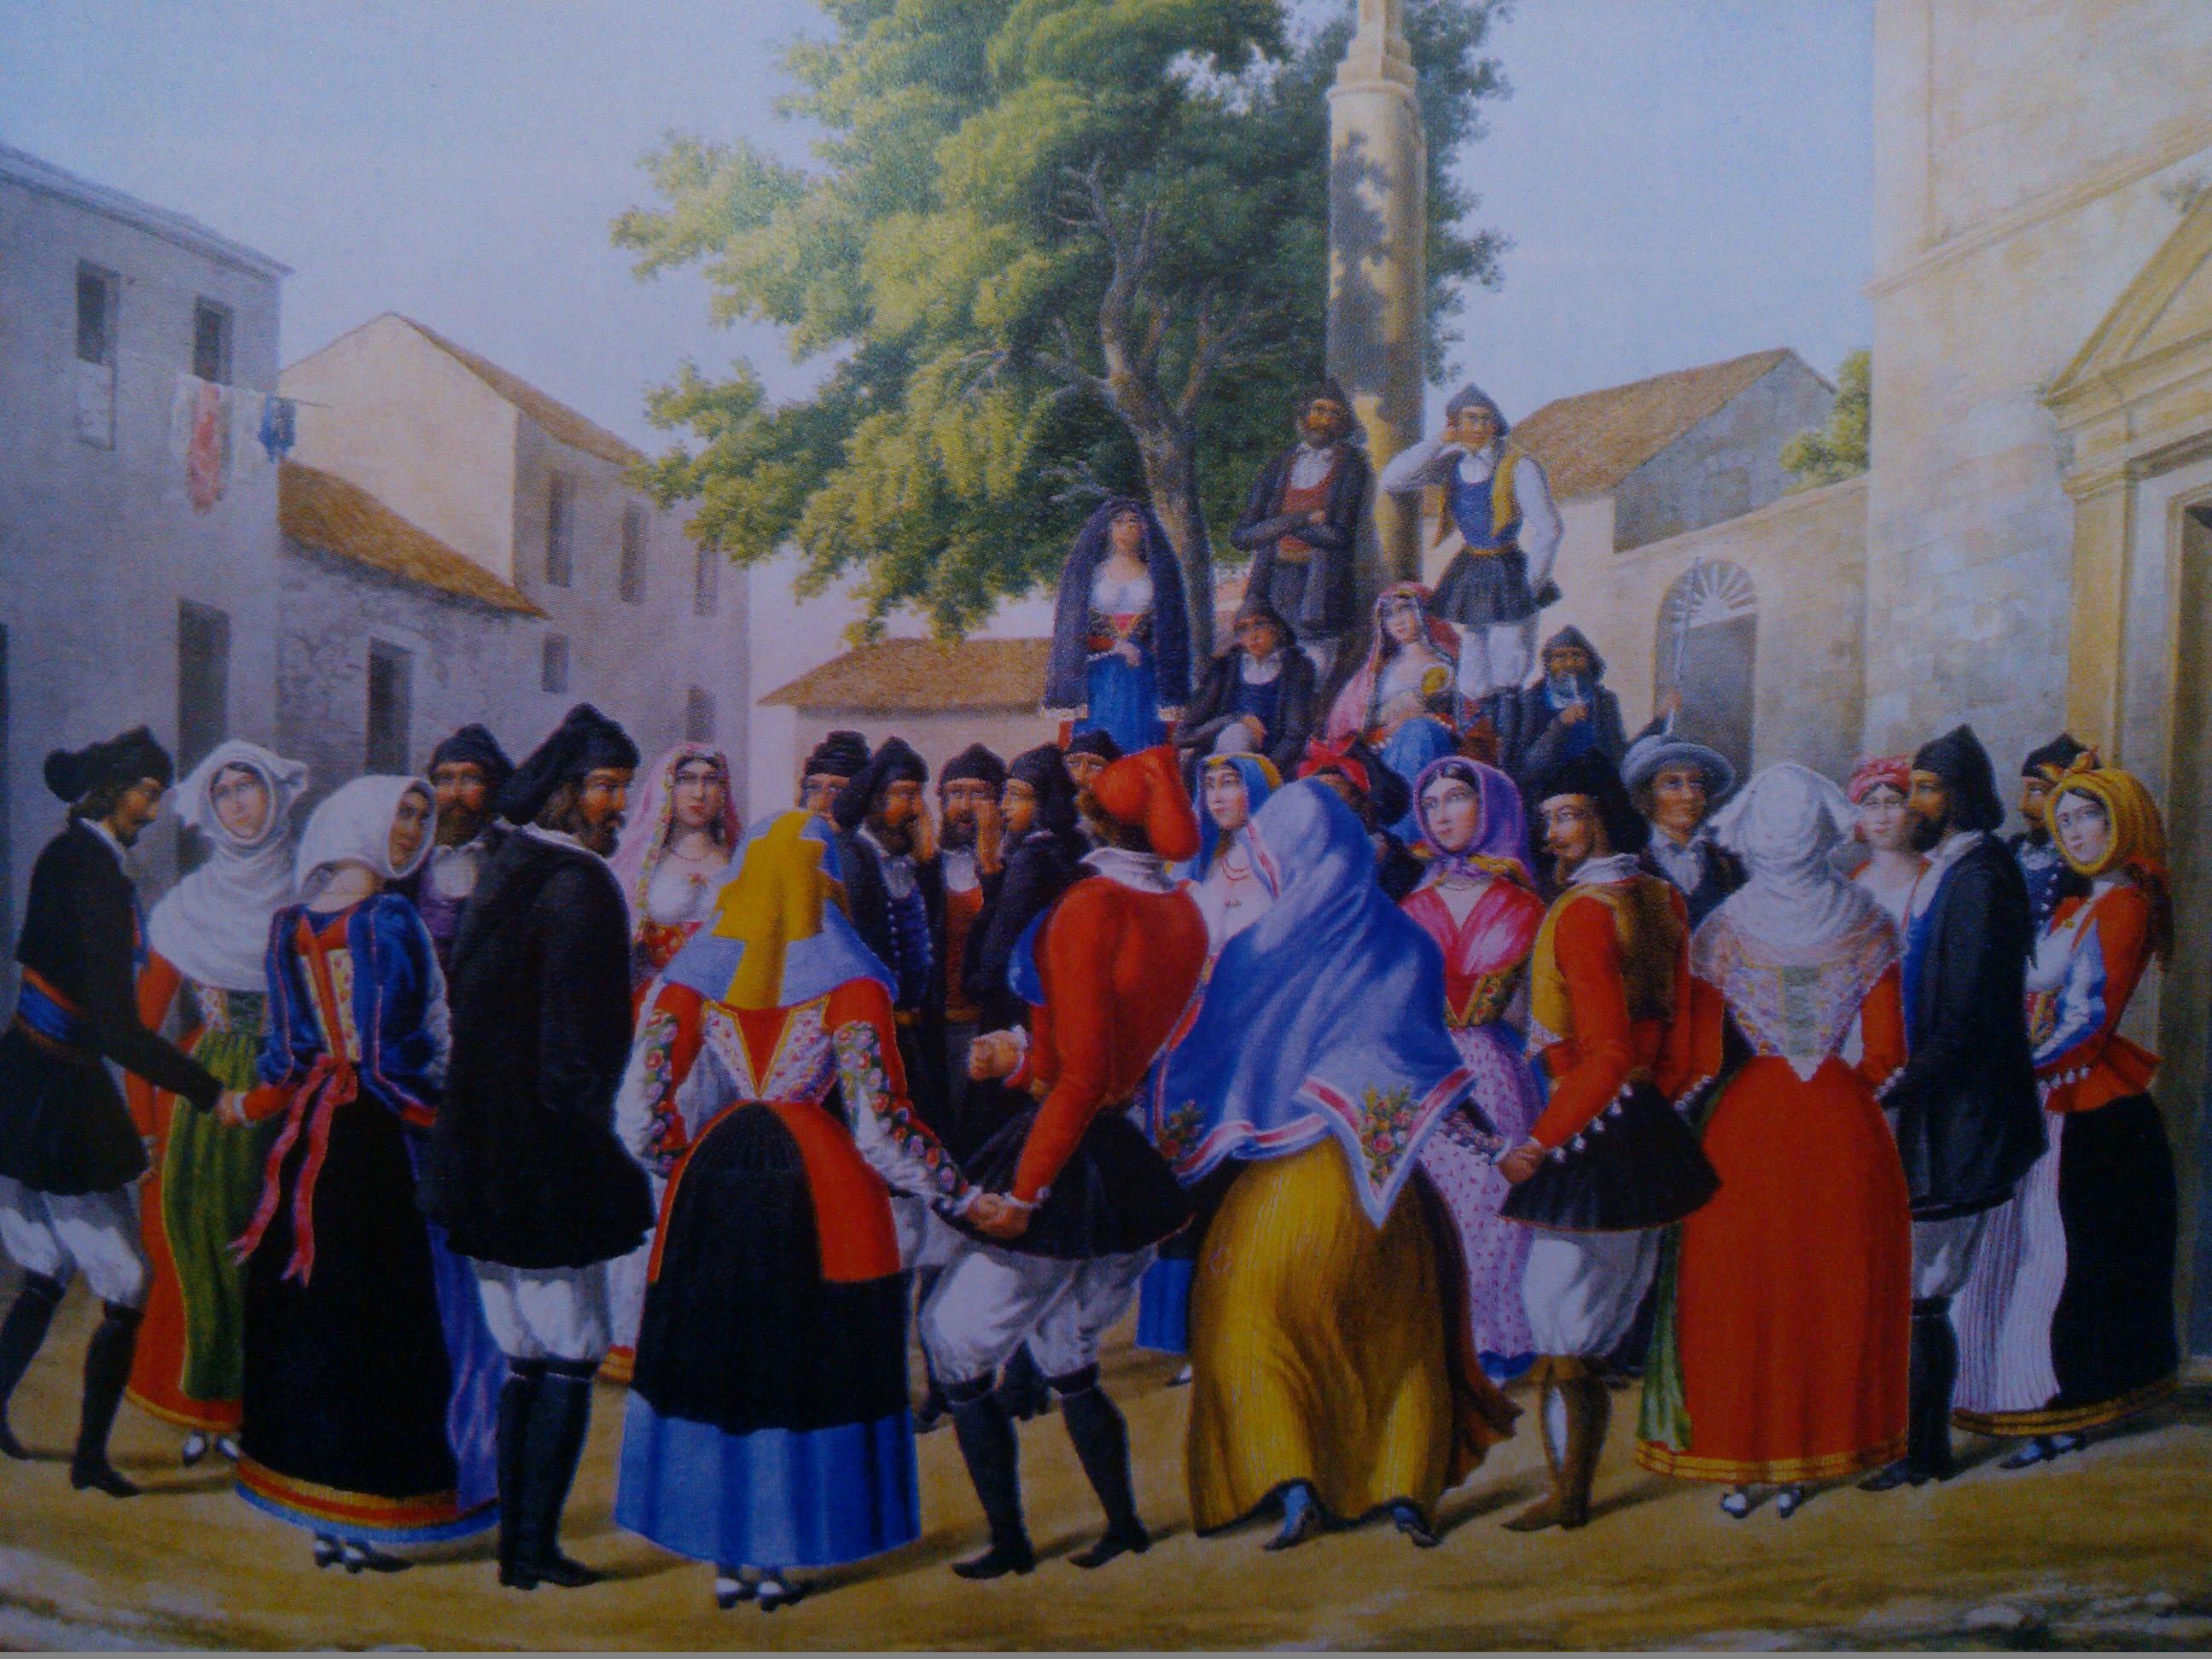 """""""Su ballu tondu a cantigu in su patiu de Cheja"""", watercolour by S.Manca di Mores, 1861"""